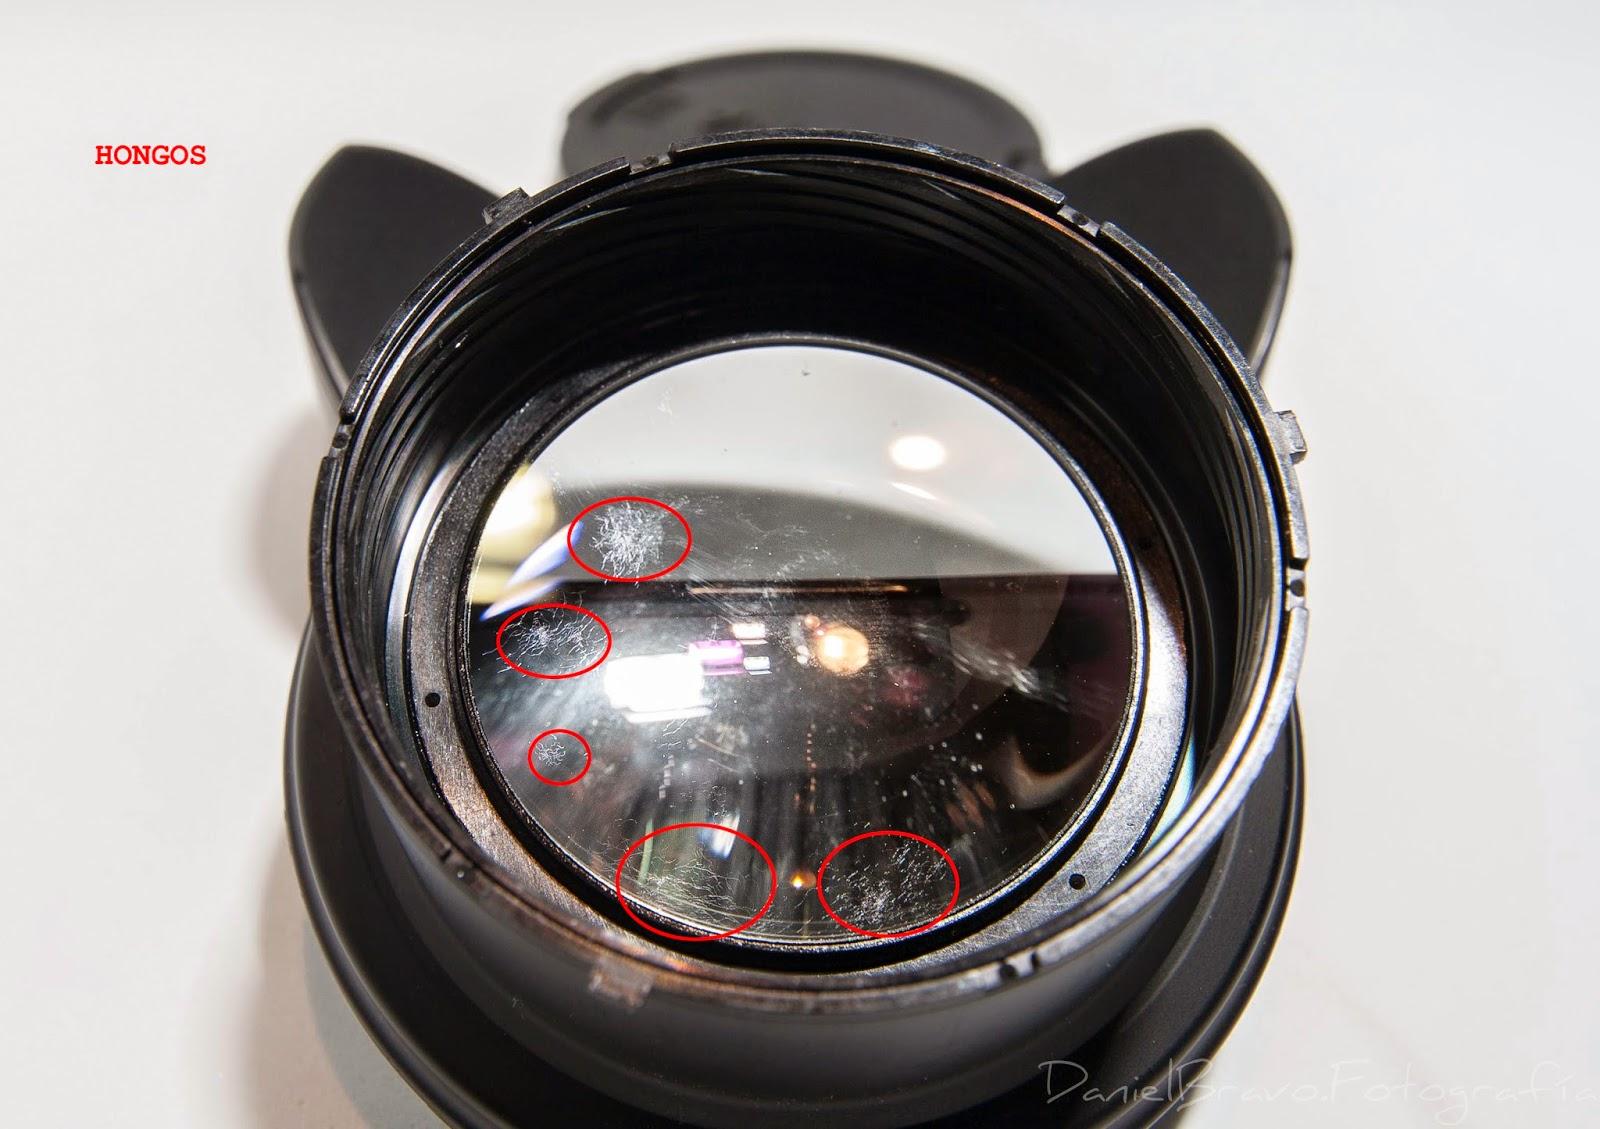 Objetivo, fotografía, Sigma, hongos